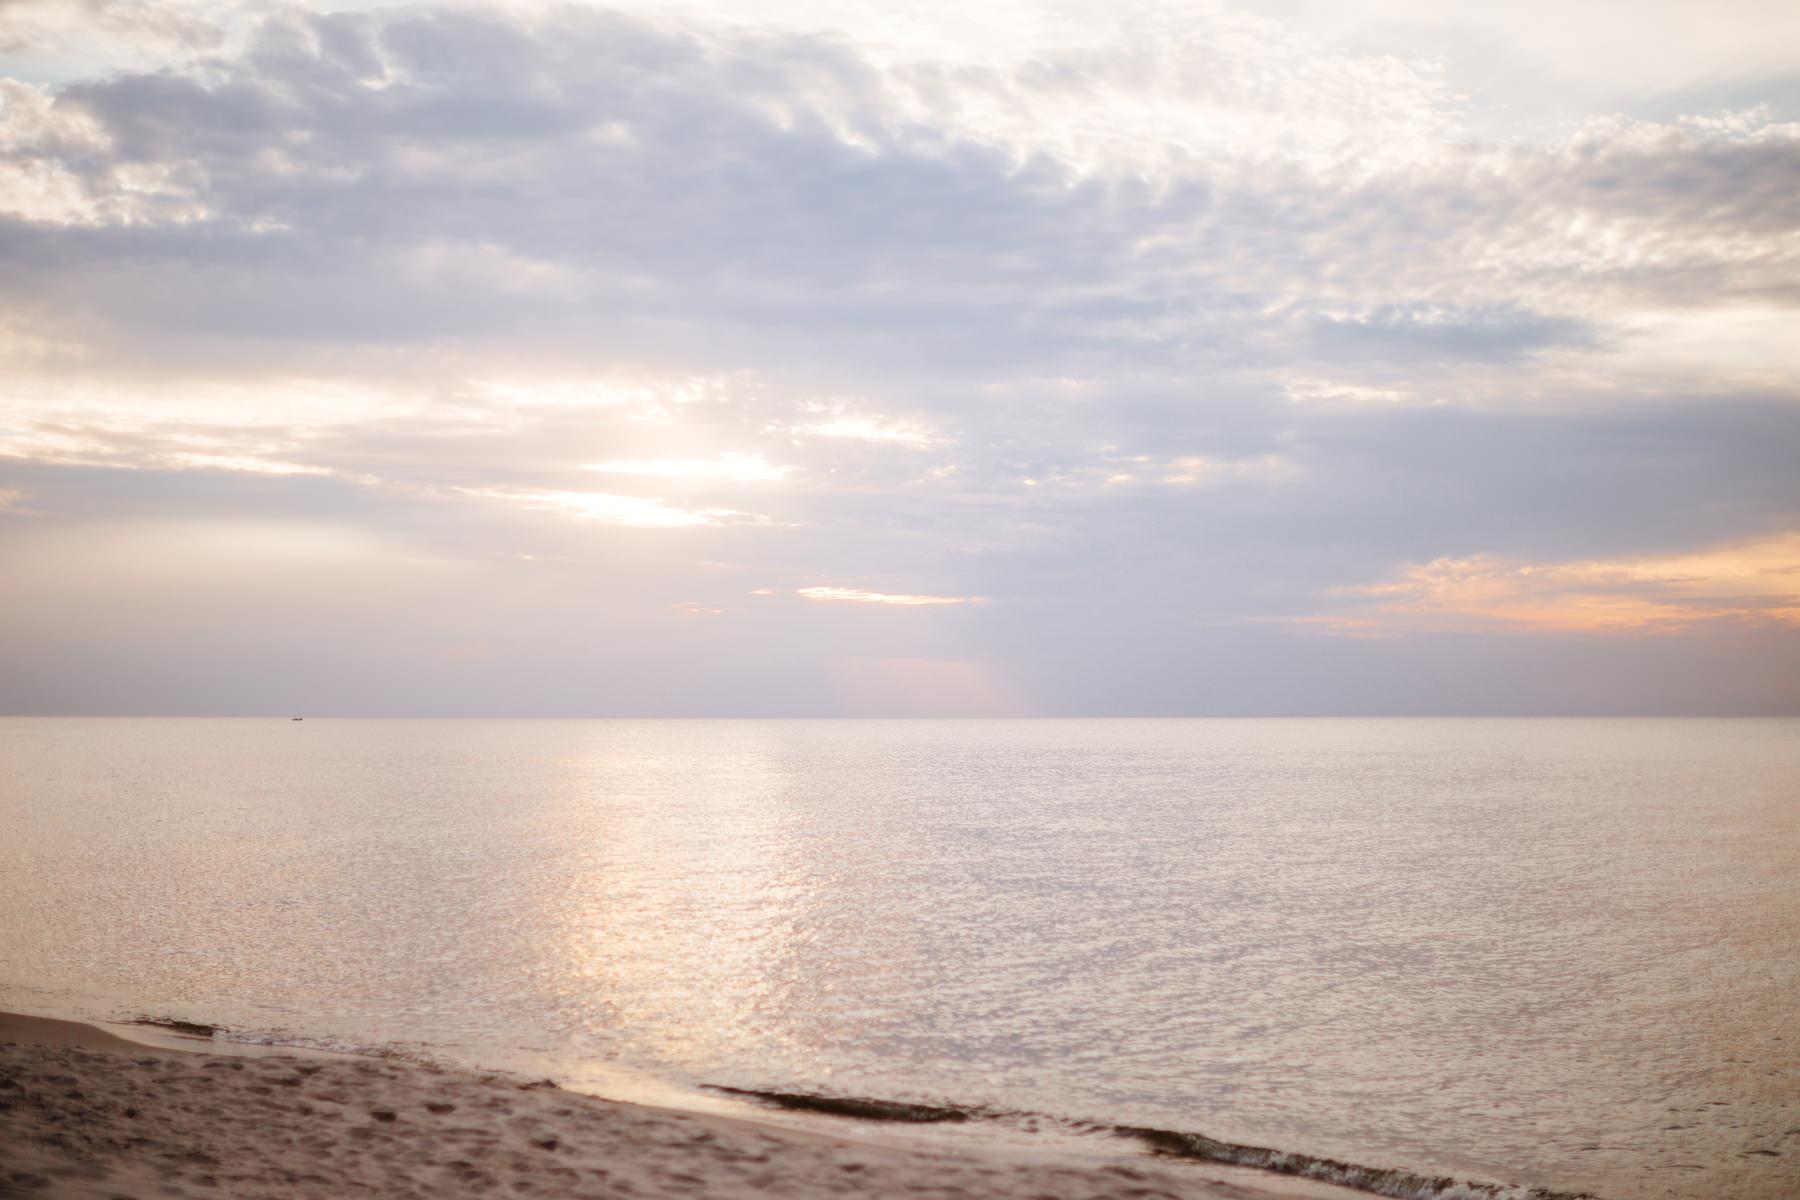 klimatyczne zdjęcia znad morza